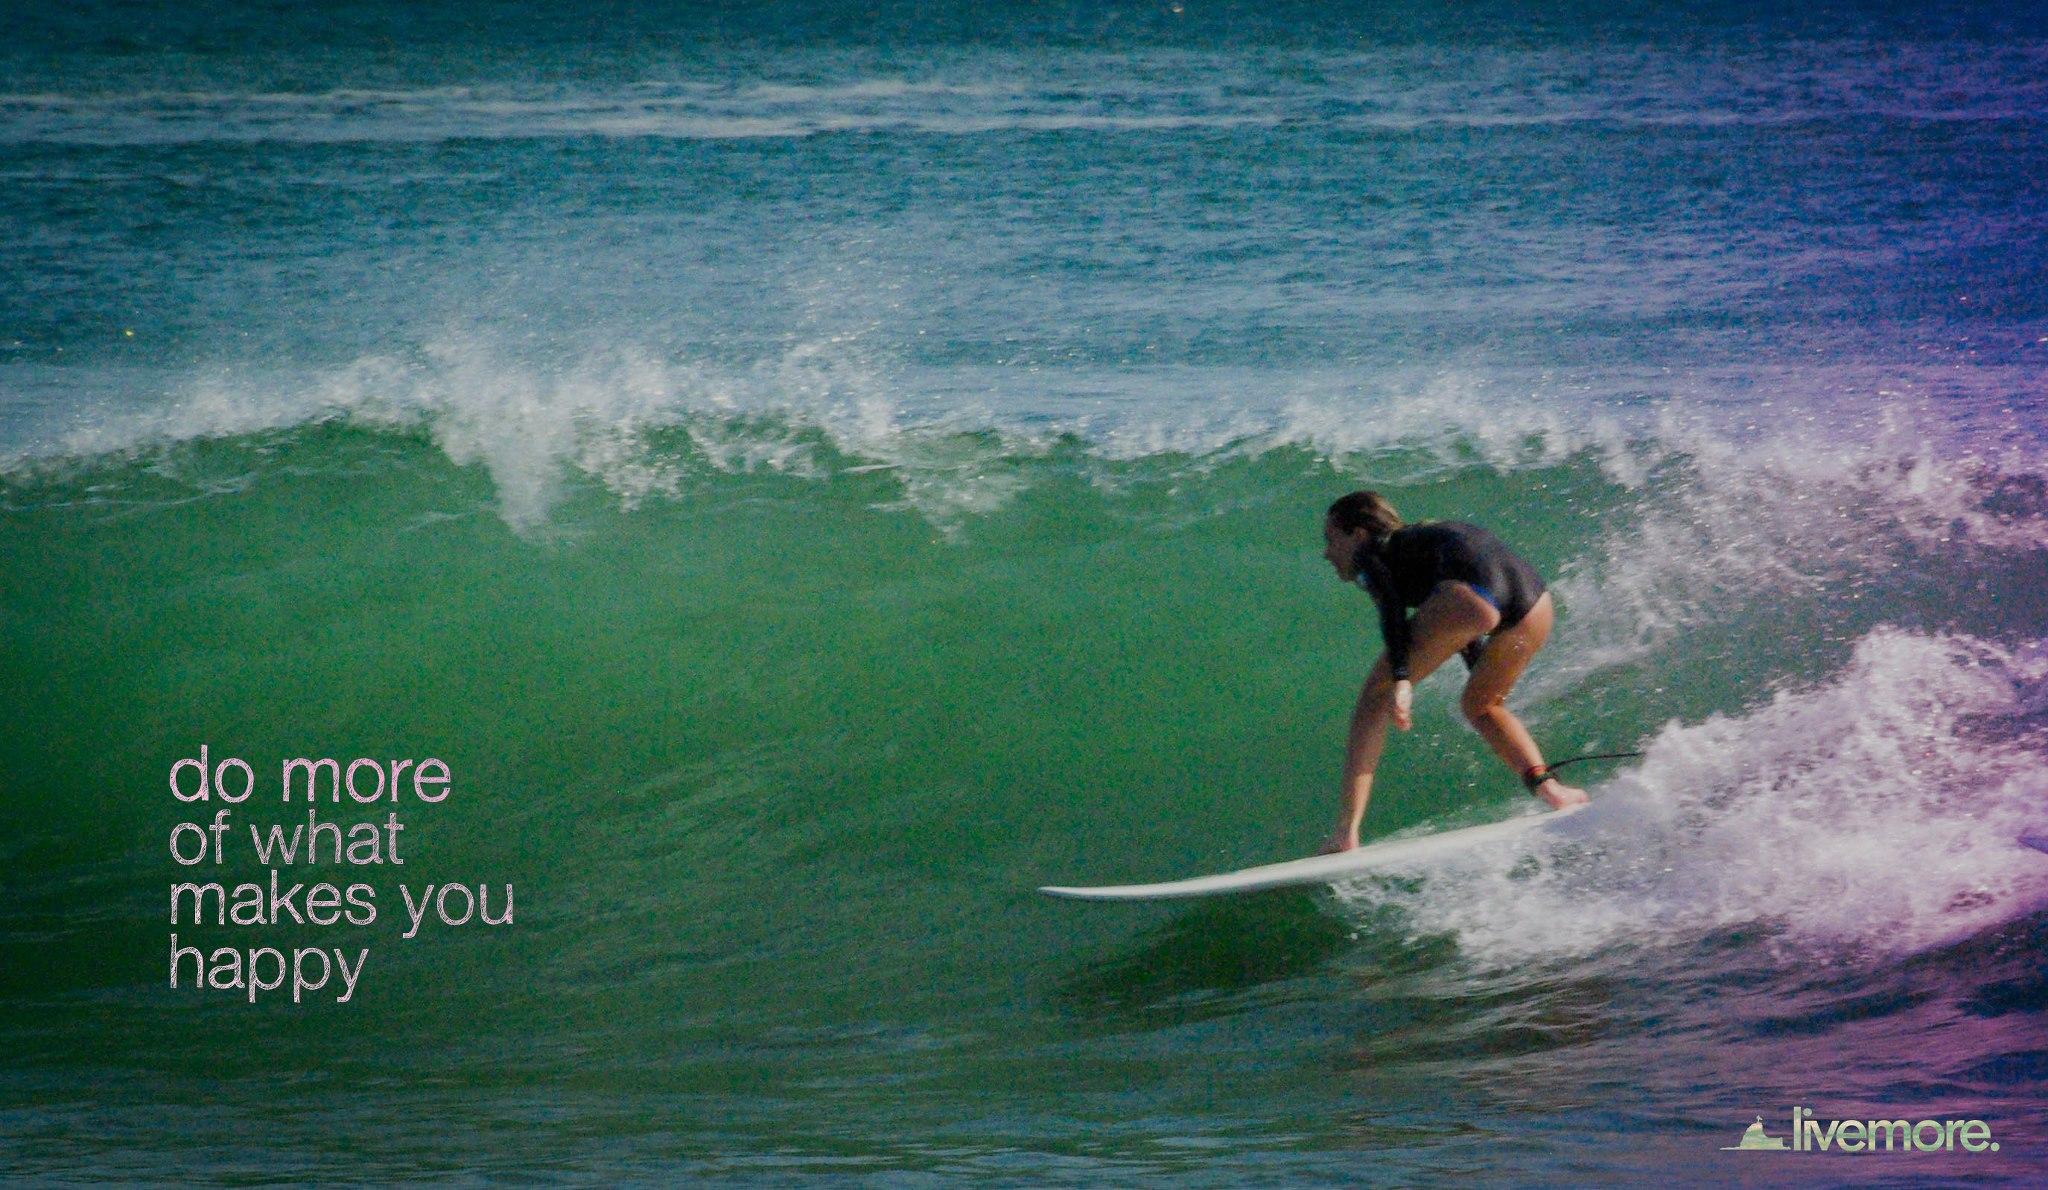 Surf Nomad Junkies